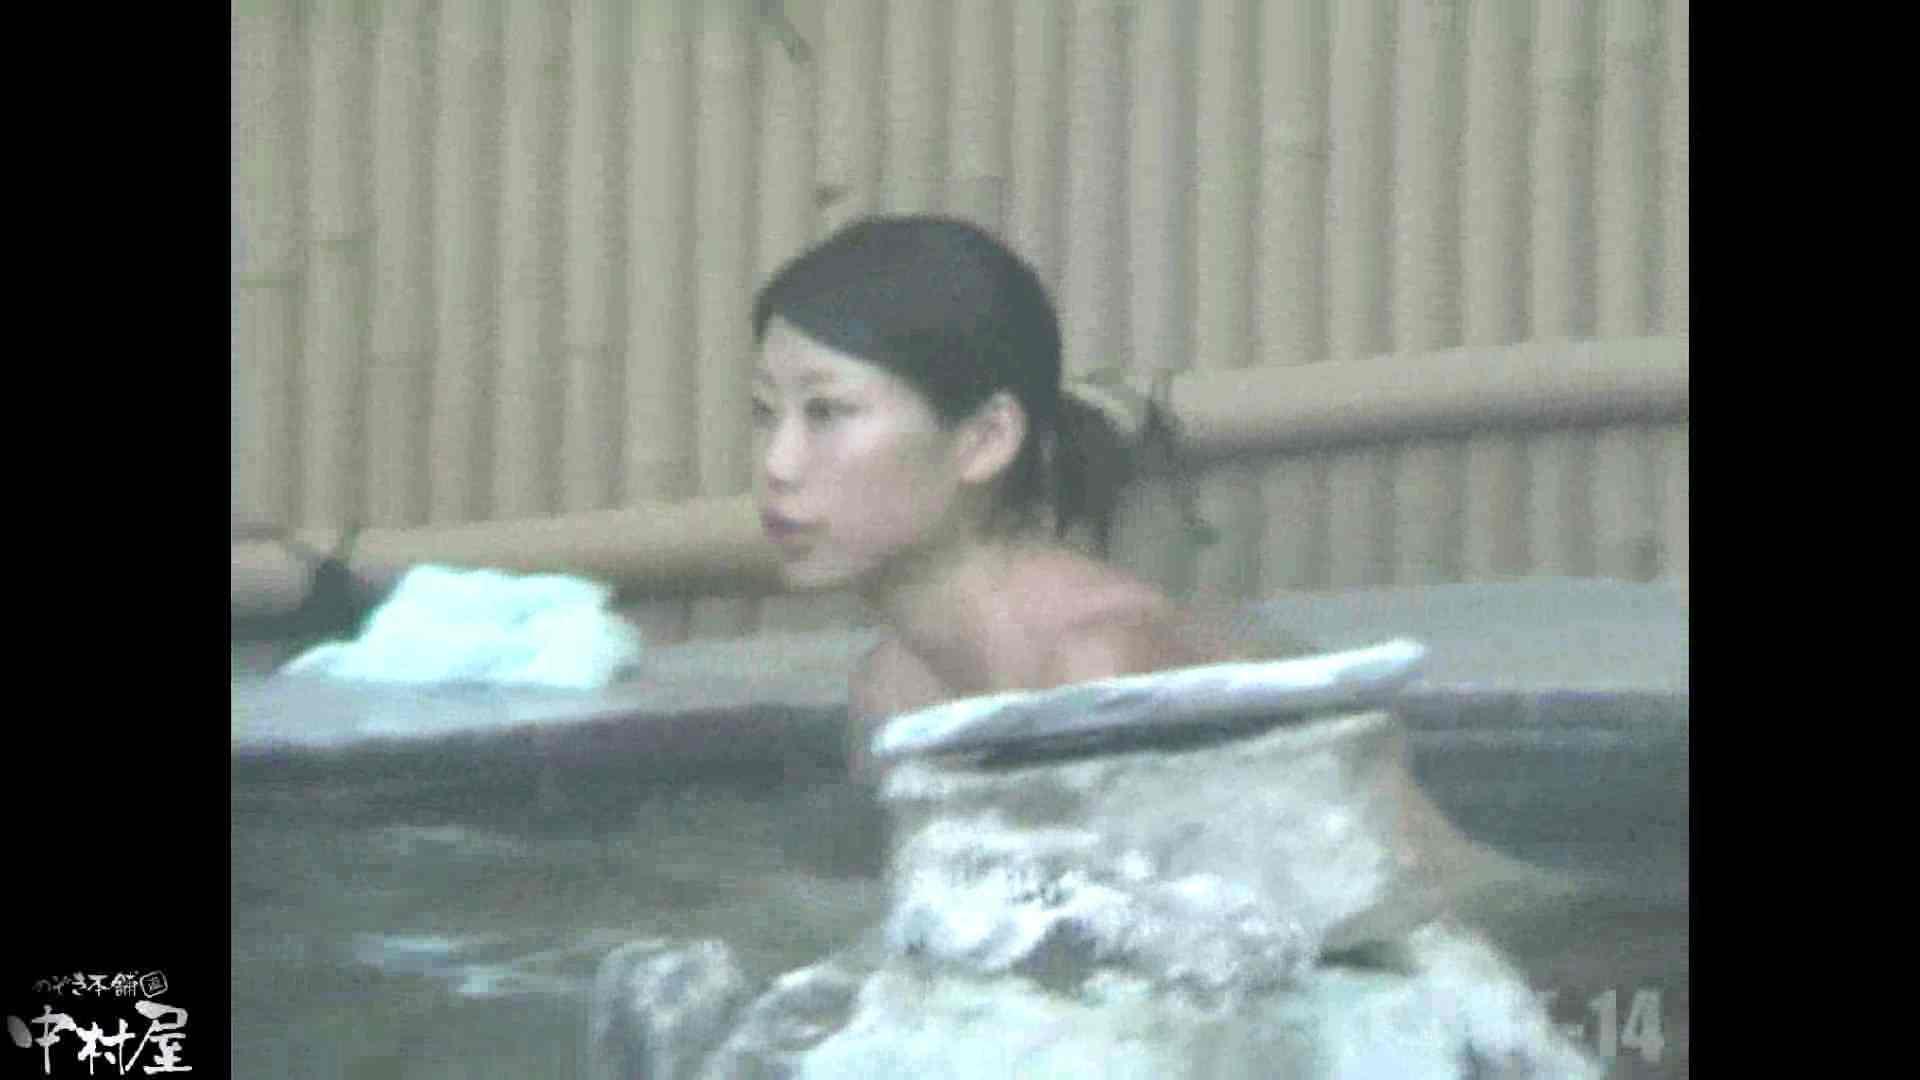 Aquaな露天風呂Vol.878潜入盗撮露天風呂十四判湯 其の一 露天 | 盗撮  78pic 17